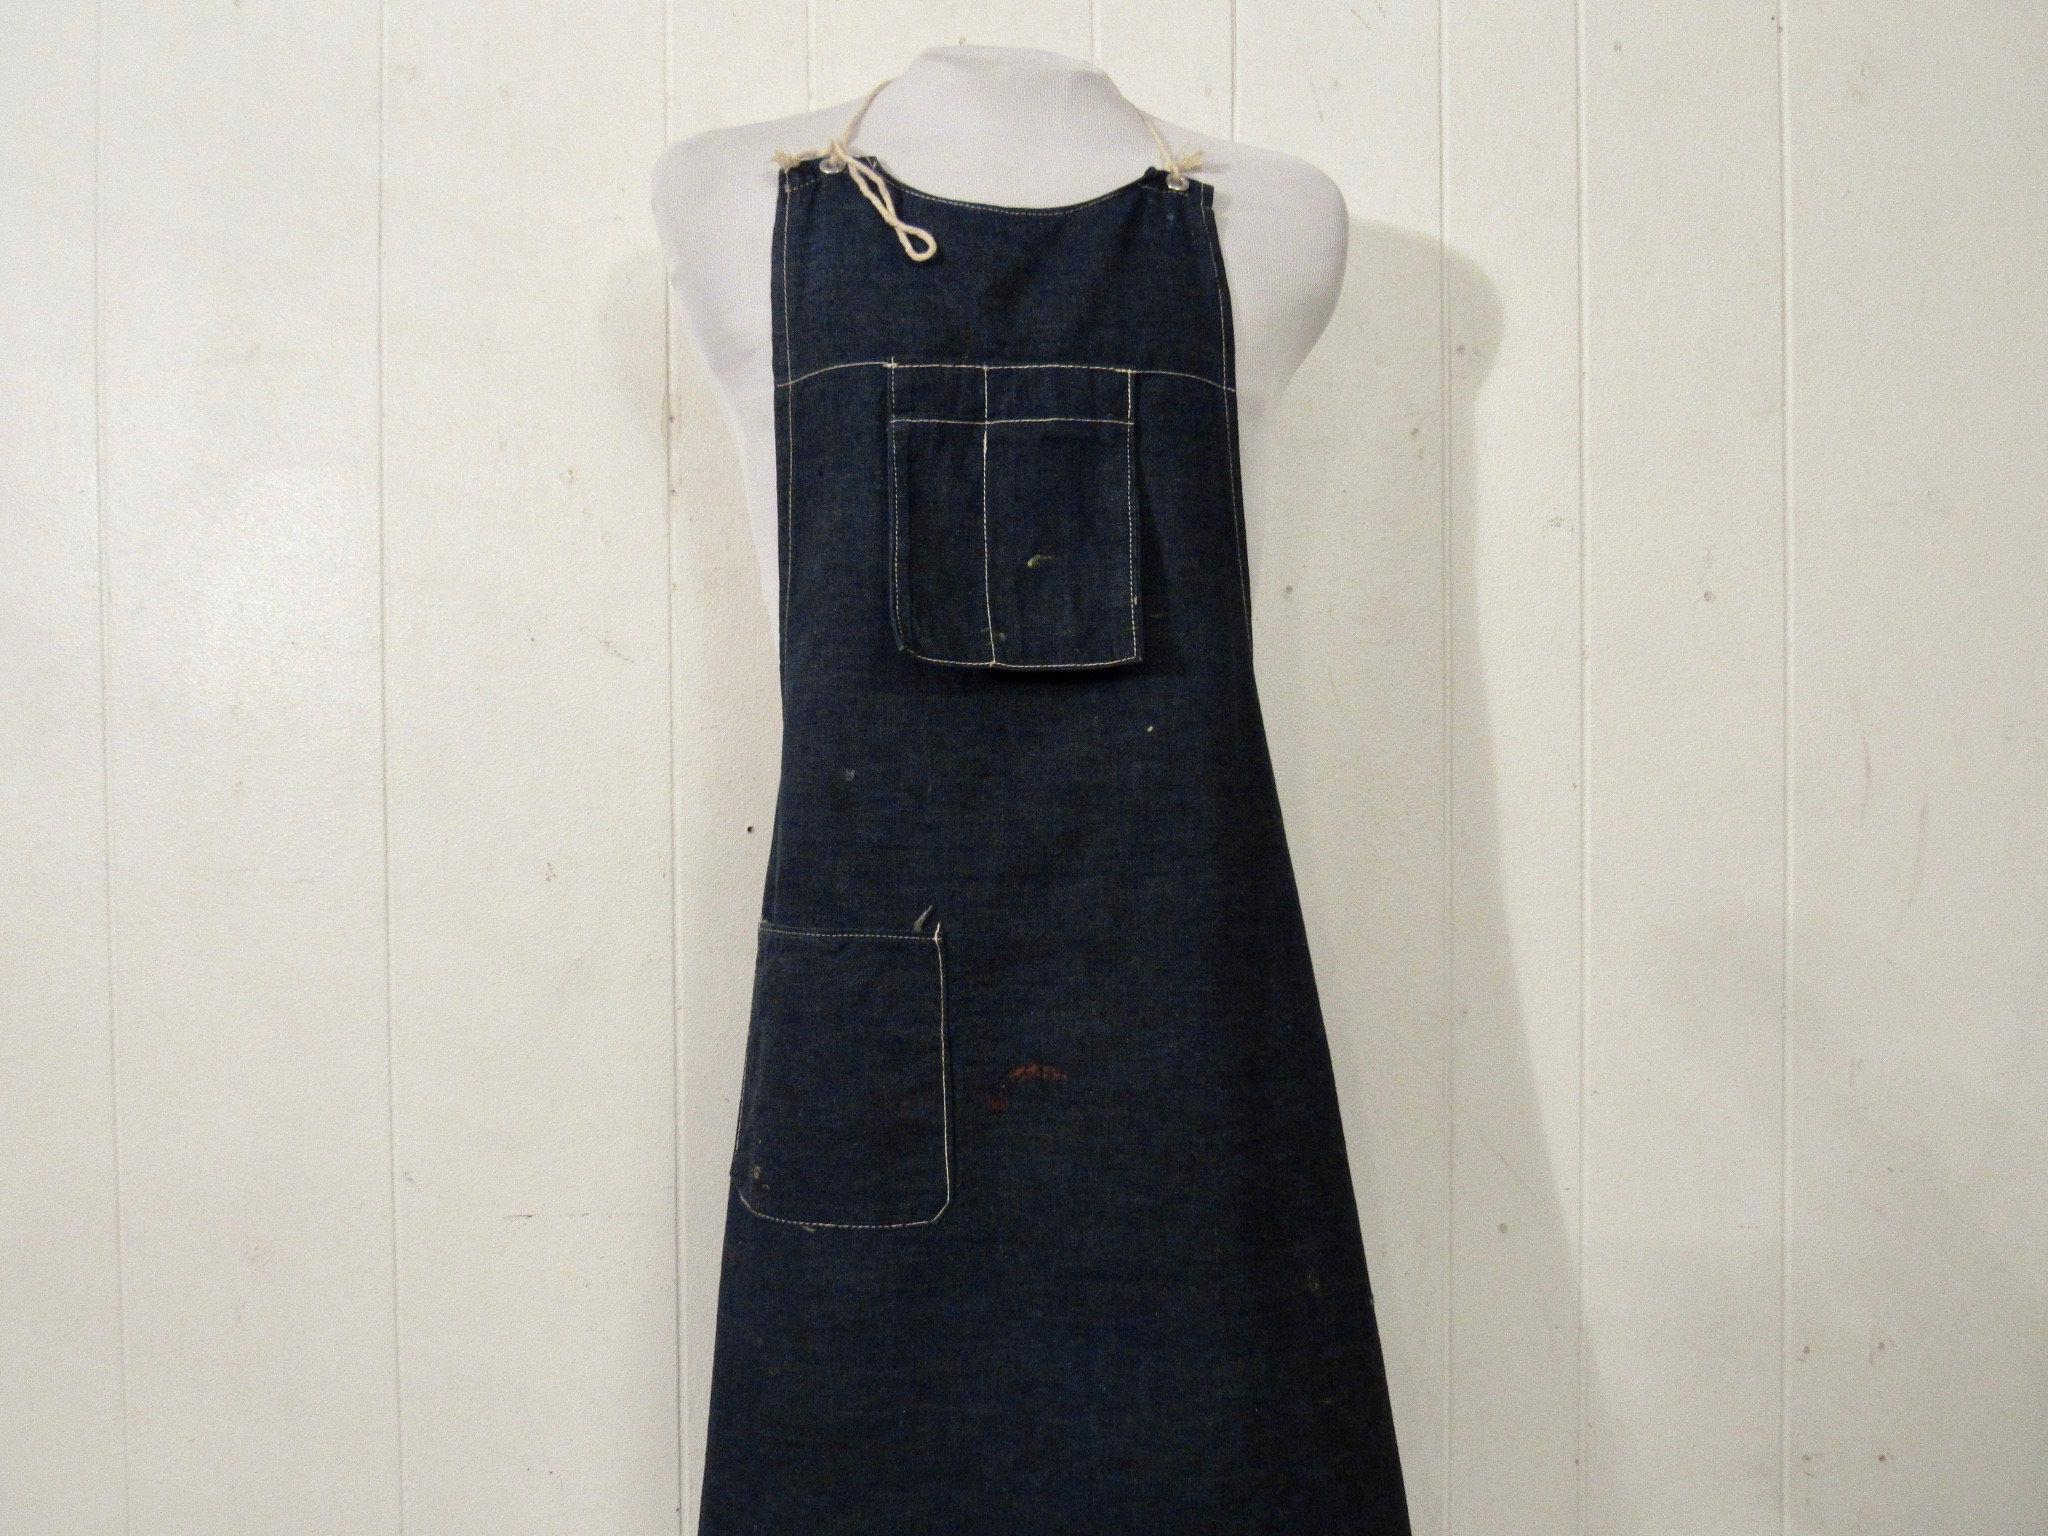 Vintage Aprons, Retro Aprons, Old Fashioned Aprons & Patterns Vintage Apron, 1950S Denim Vintage Workwear, Work Denim, Clothing $79.00 AT vintagedancer.com